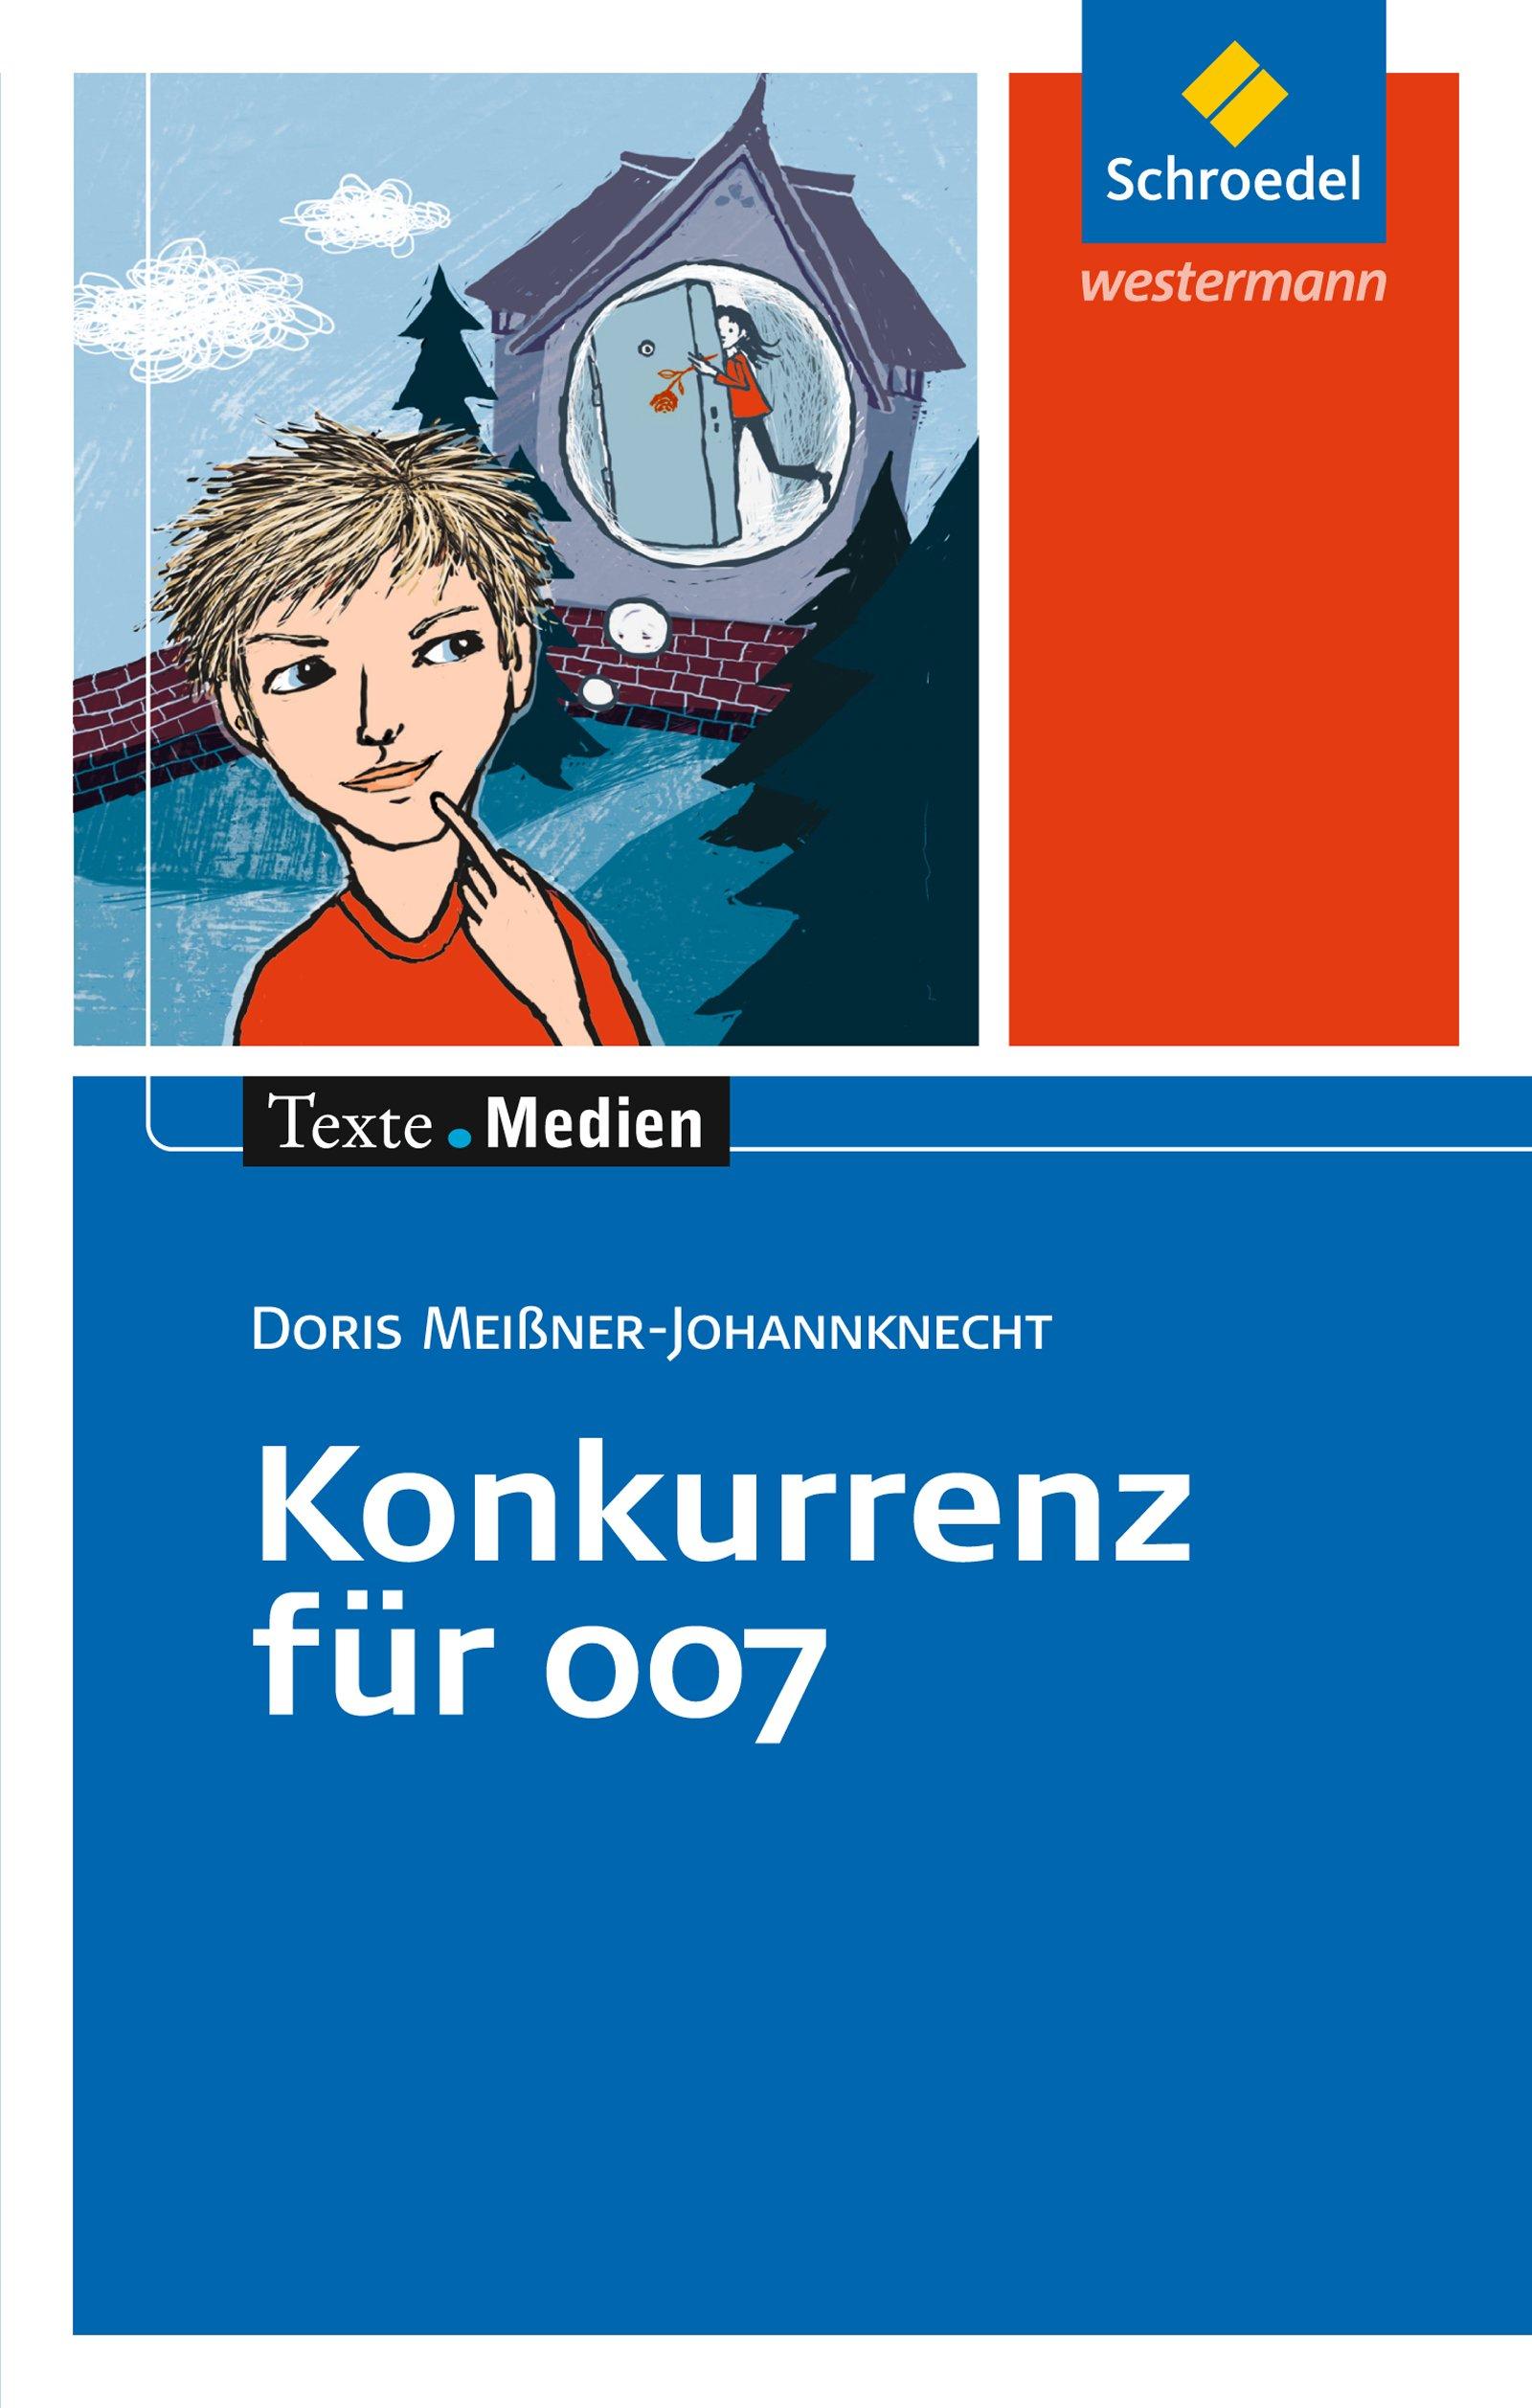 Texte.Medien: Doris Meißner-Johannknecht: Konkurrenz für 007: Textausgabe mit Materialien